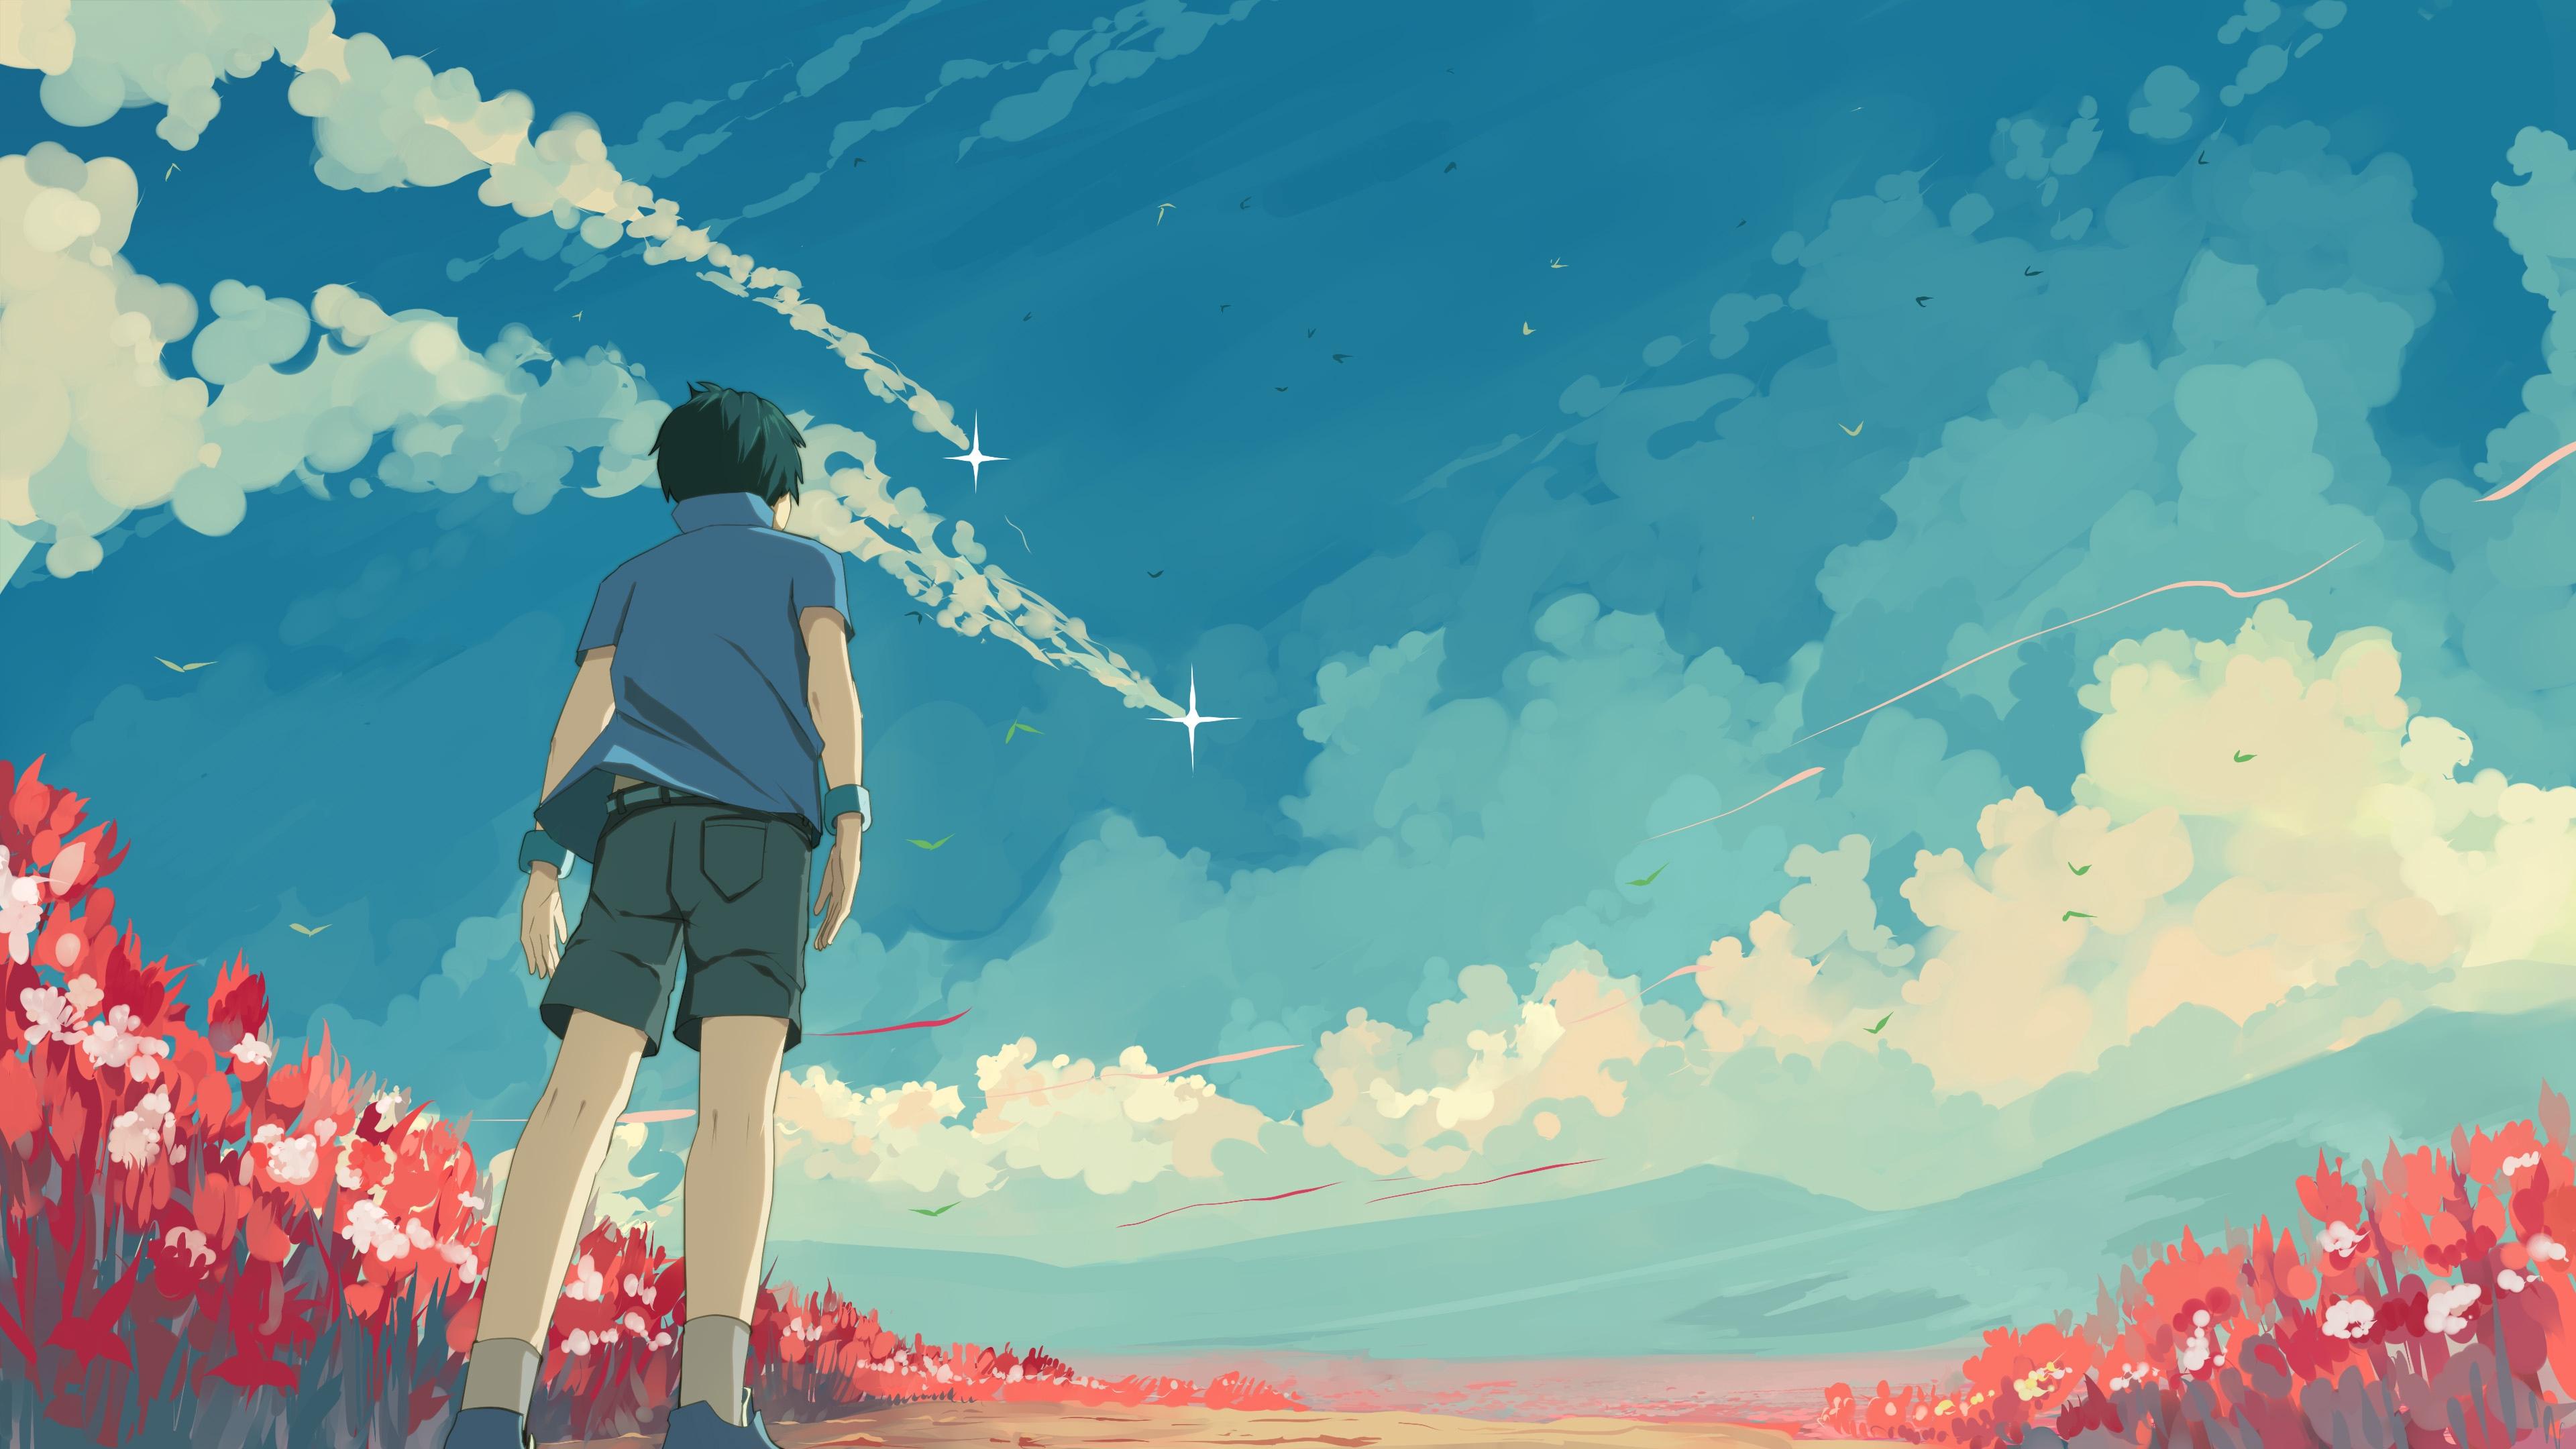 guy sky stars art 4k 1541971182 - guy, sky, stars, art 4k - Stars, Sky, guy